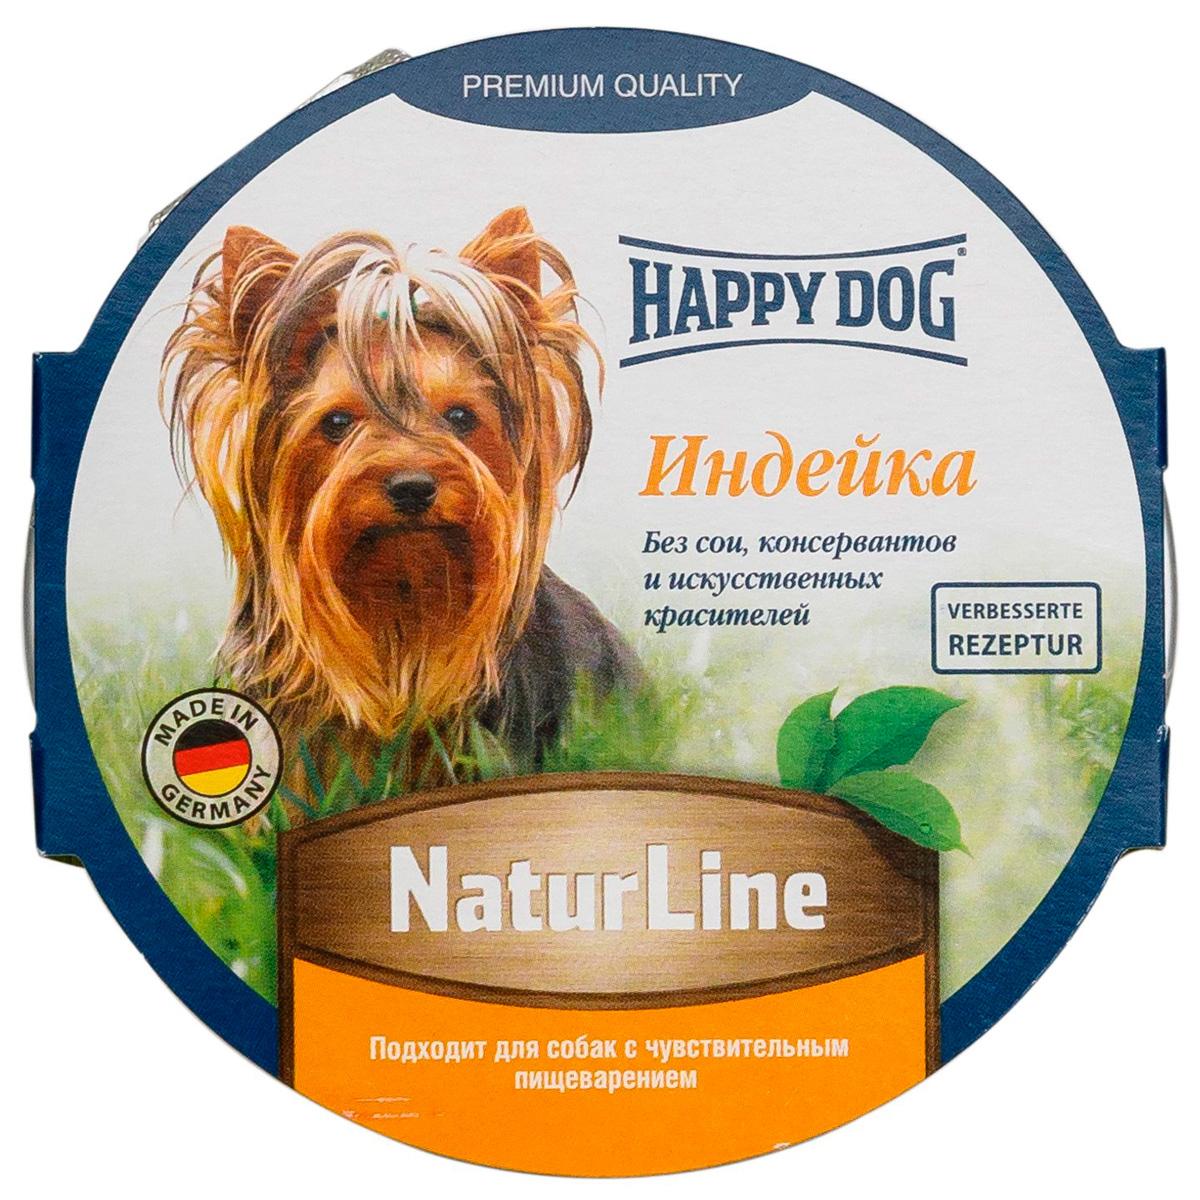 Happy Dog для взрослых собак паштет с индейкой 85 гр (85 гр)